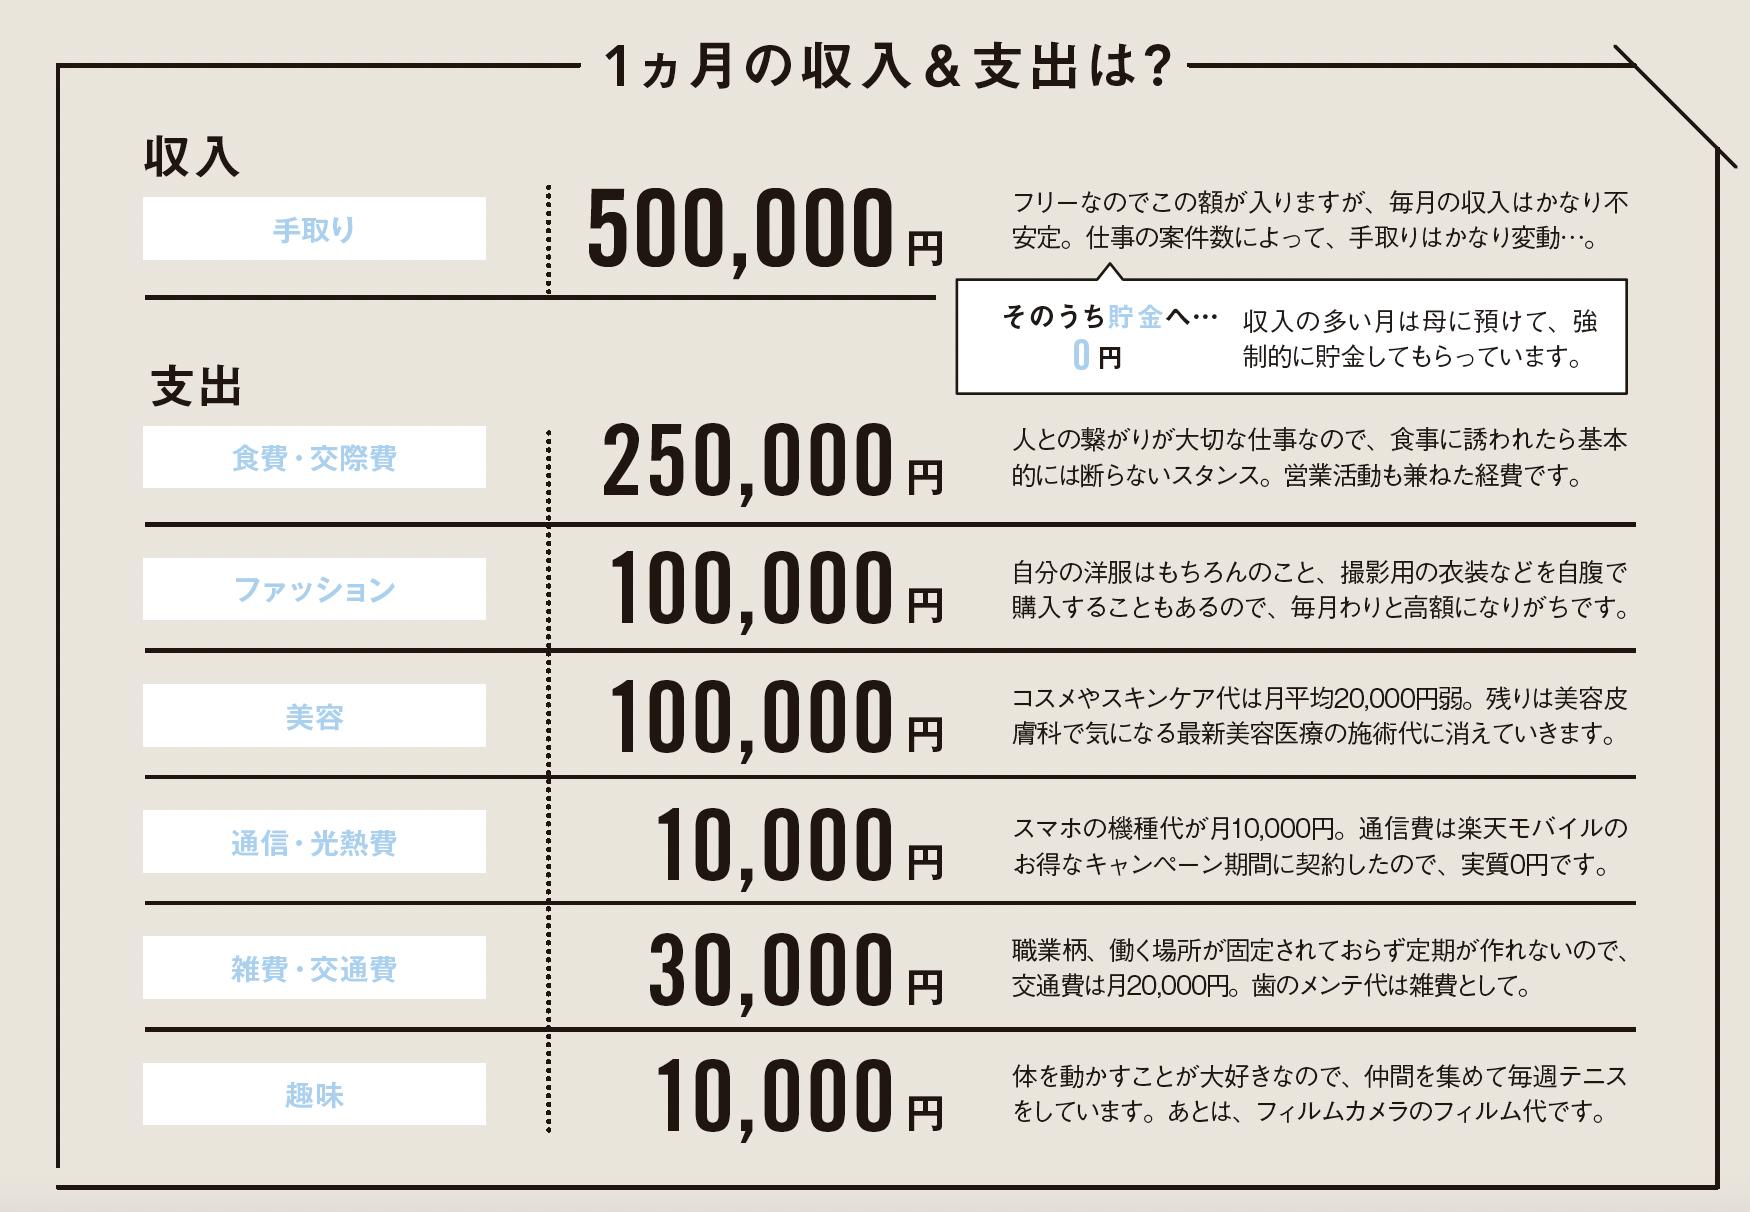 坂本さんの家計簿